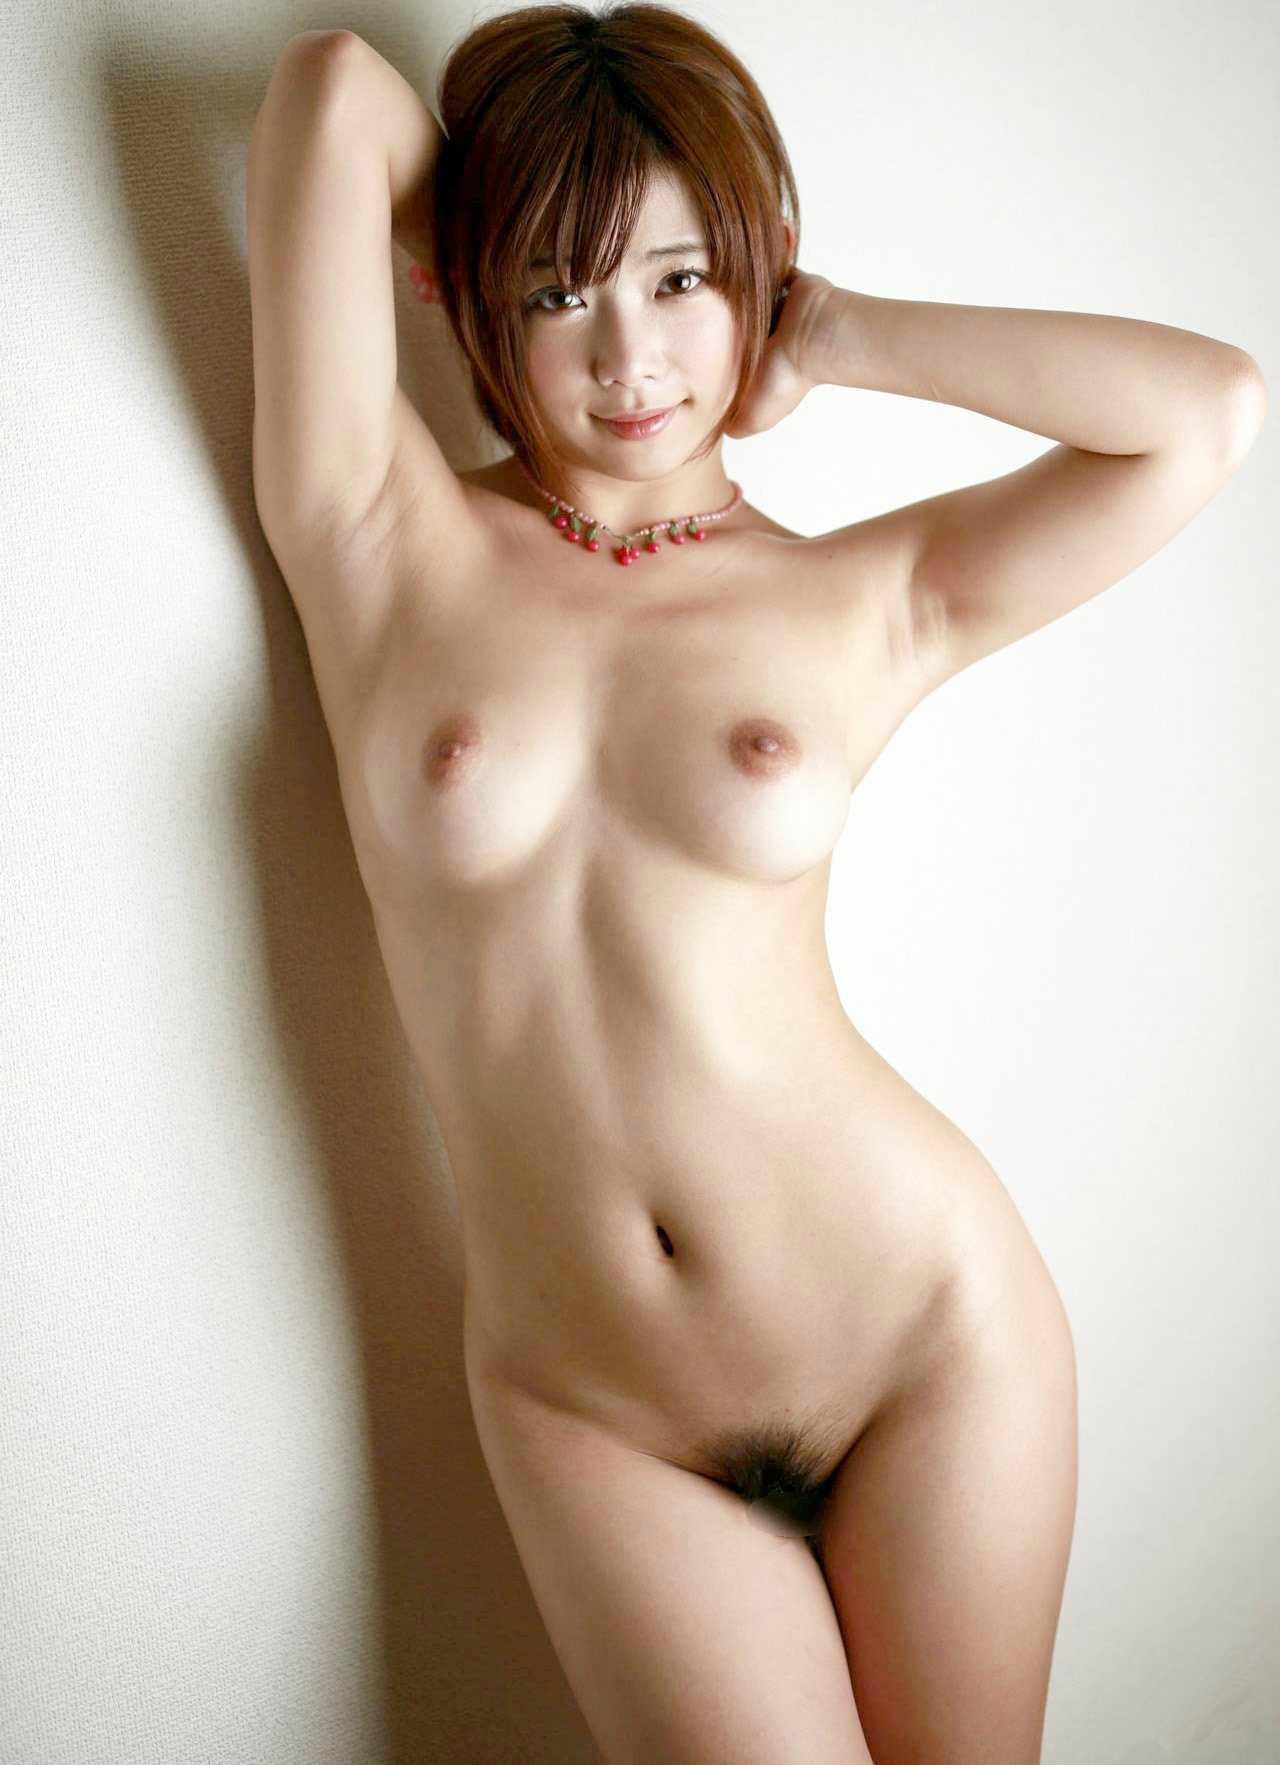 紗倉まなエロ画像 (10)